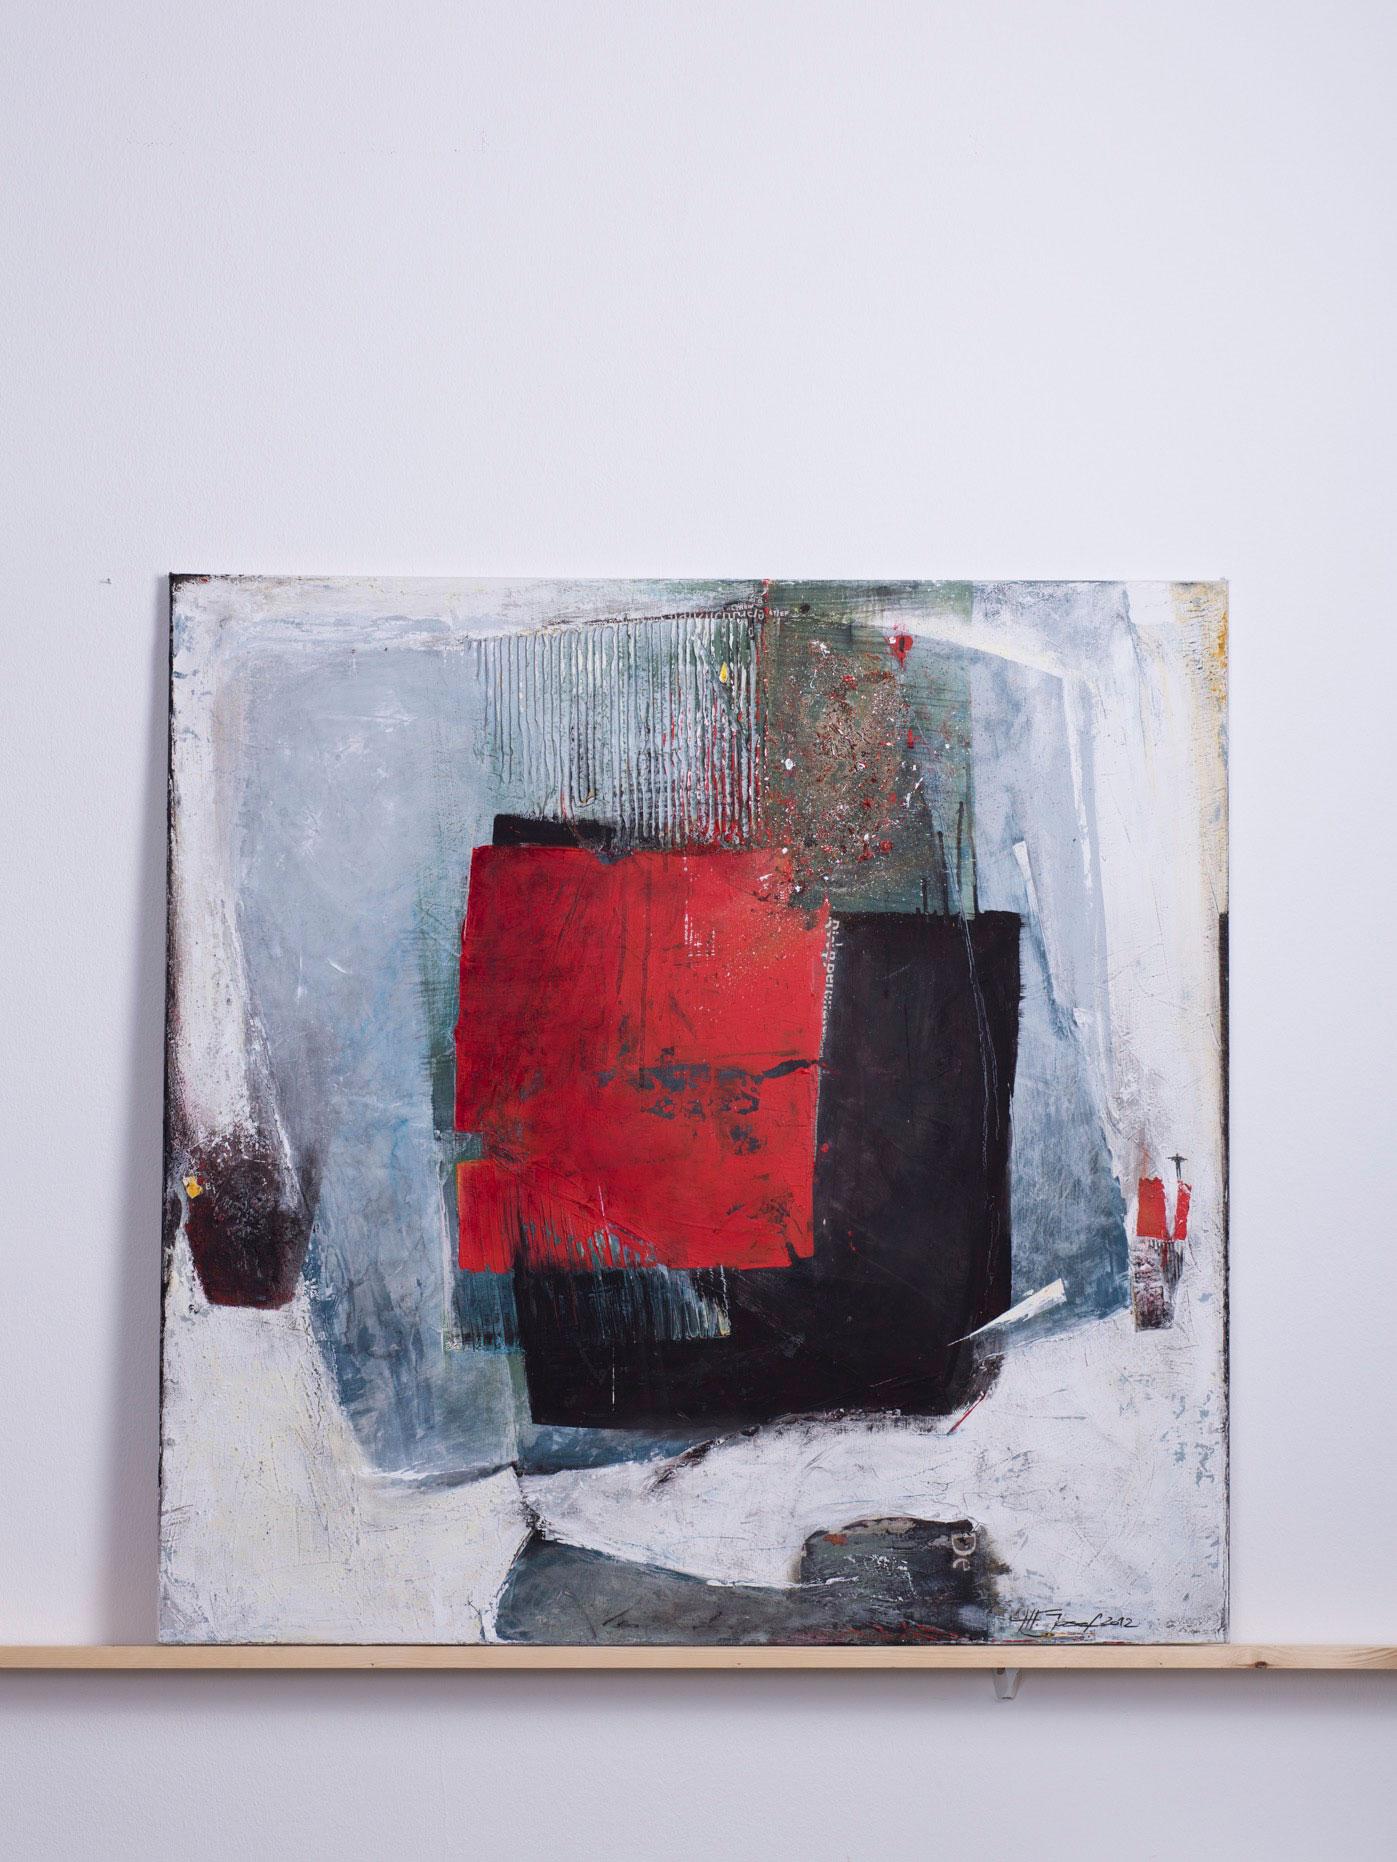 nickel-broom, 2012 - 100x100 cm,<br> Acryl und Pappe auf Leinwand